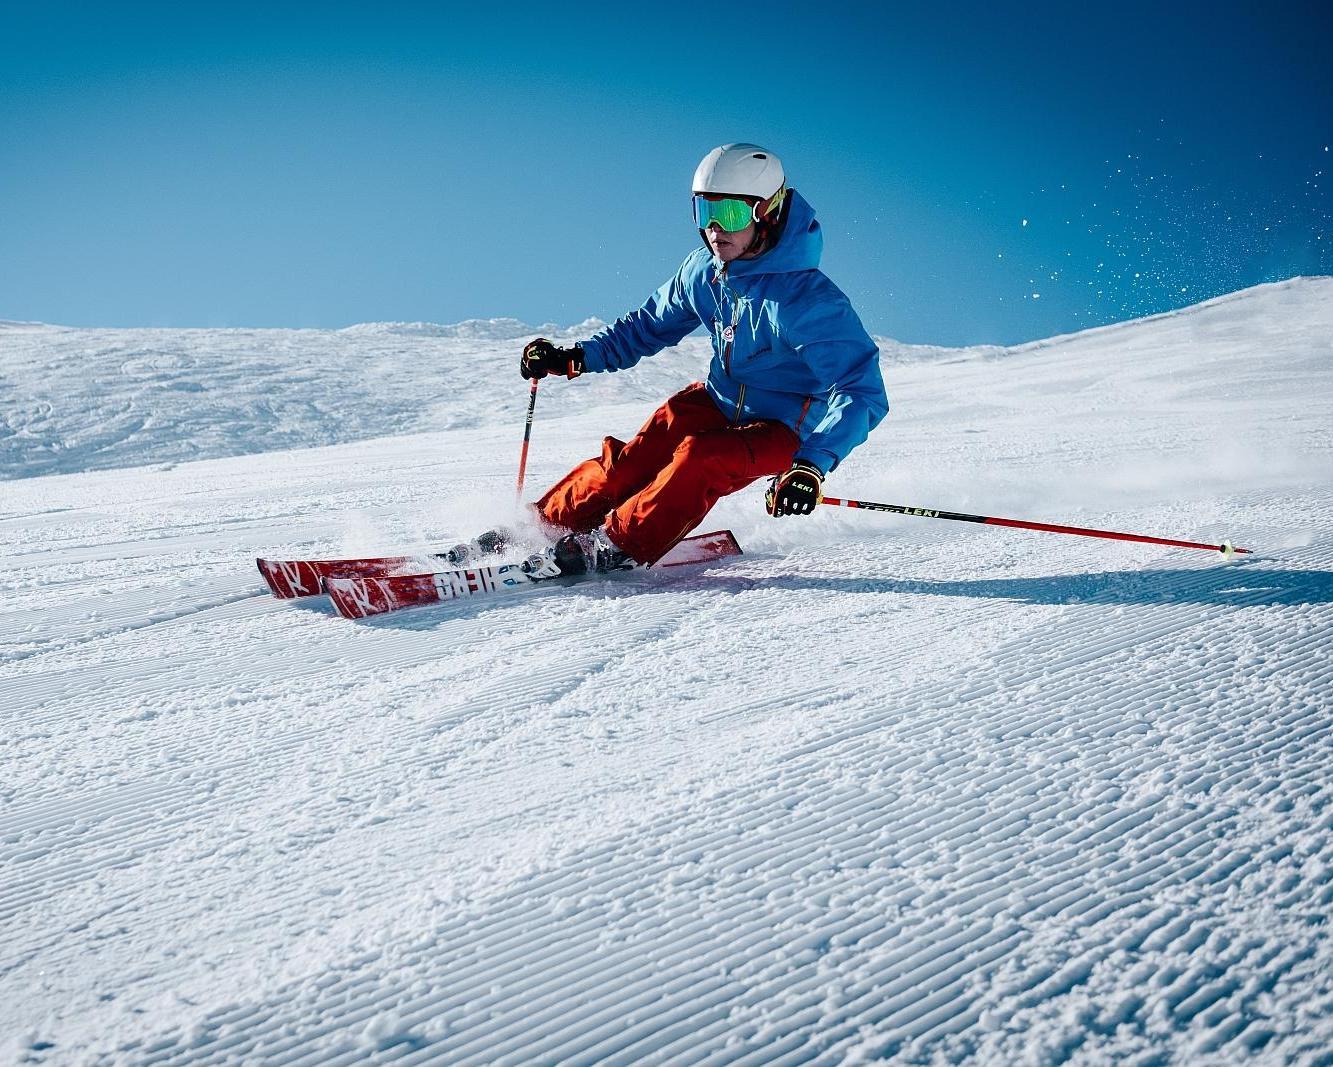 ¡Gran oferta de esquí! Sierra Nevada